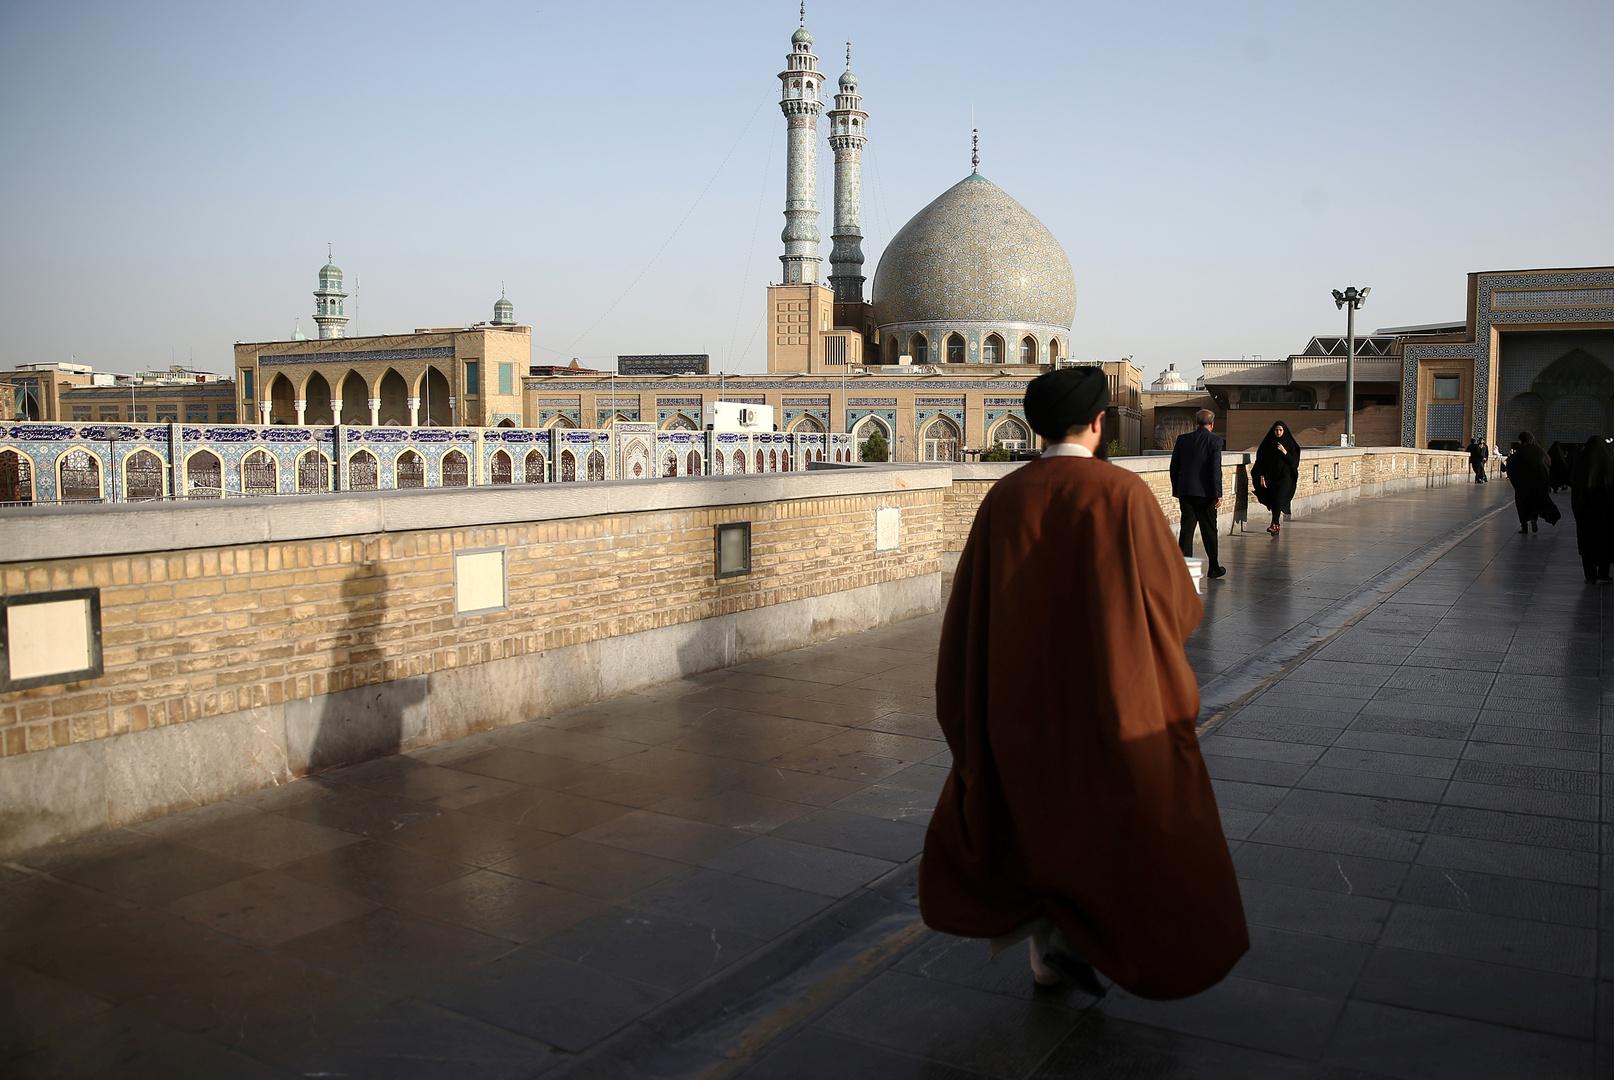 يتهمون إيران بإعداد هجمات إرهابية في بلدان غربية